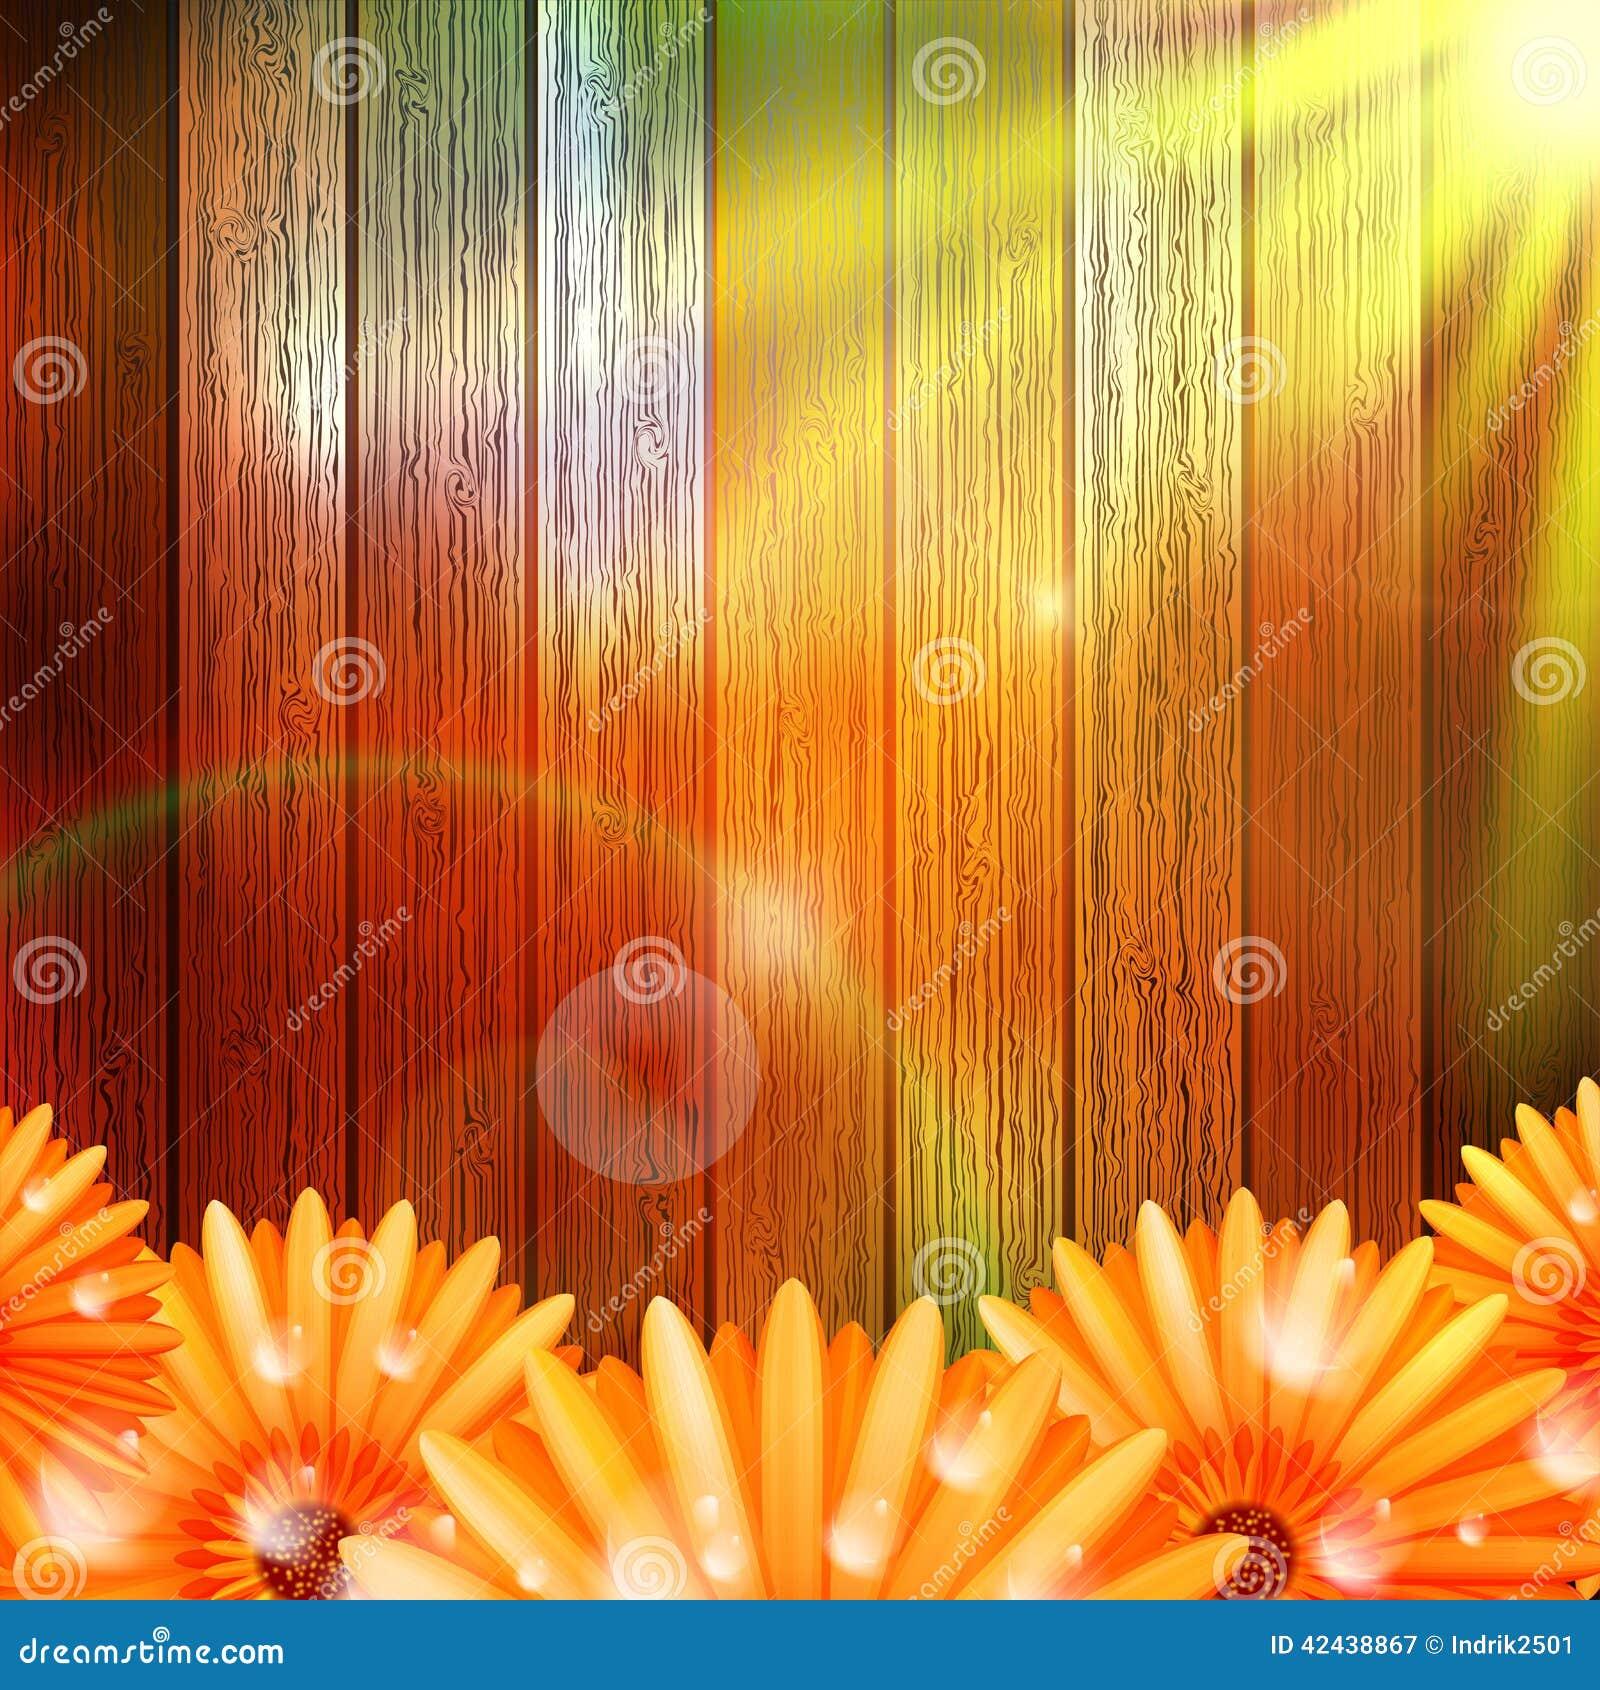 Flor con rocío en la madera EPS10 más